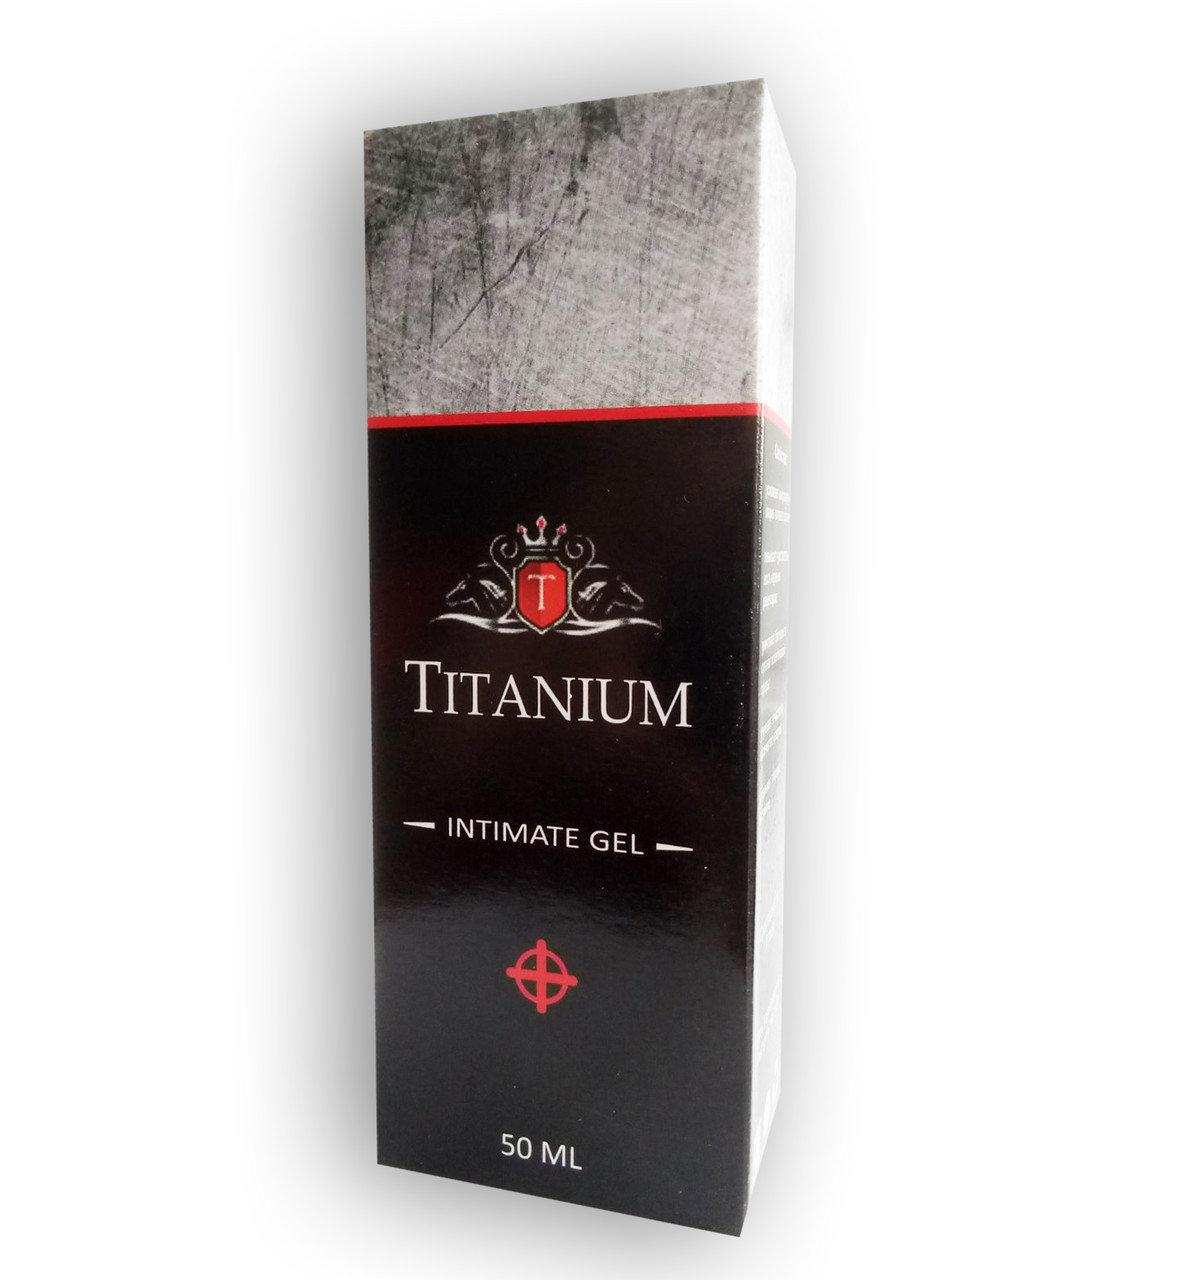 Titanium - Гель для повышения потенции (Титаниум)